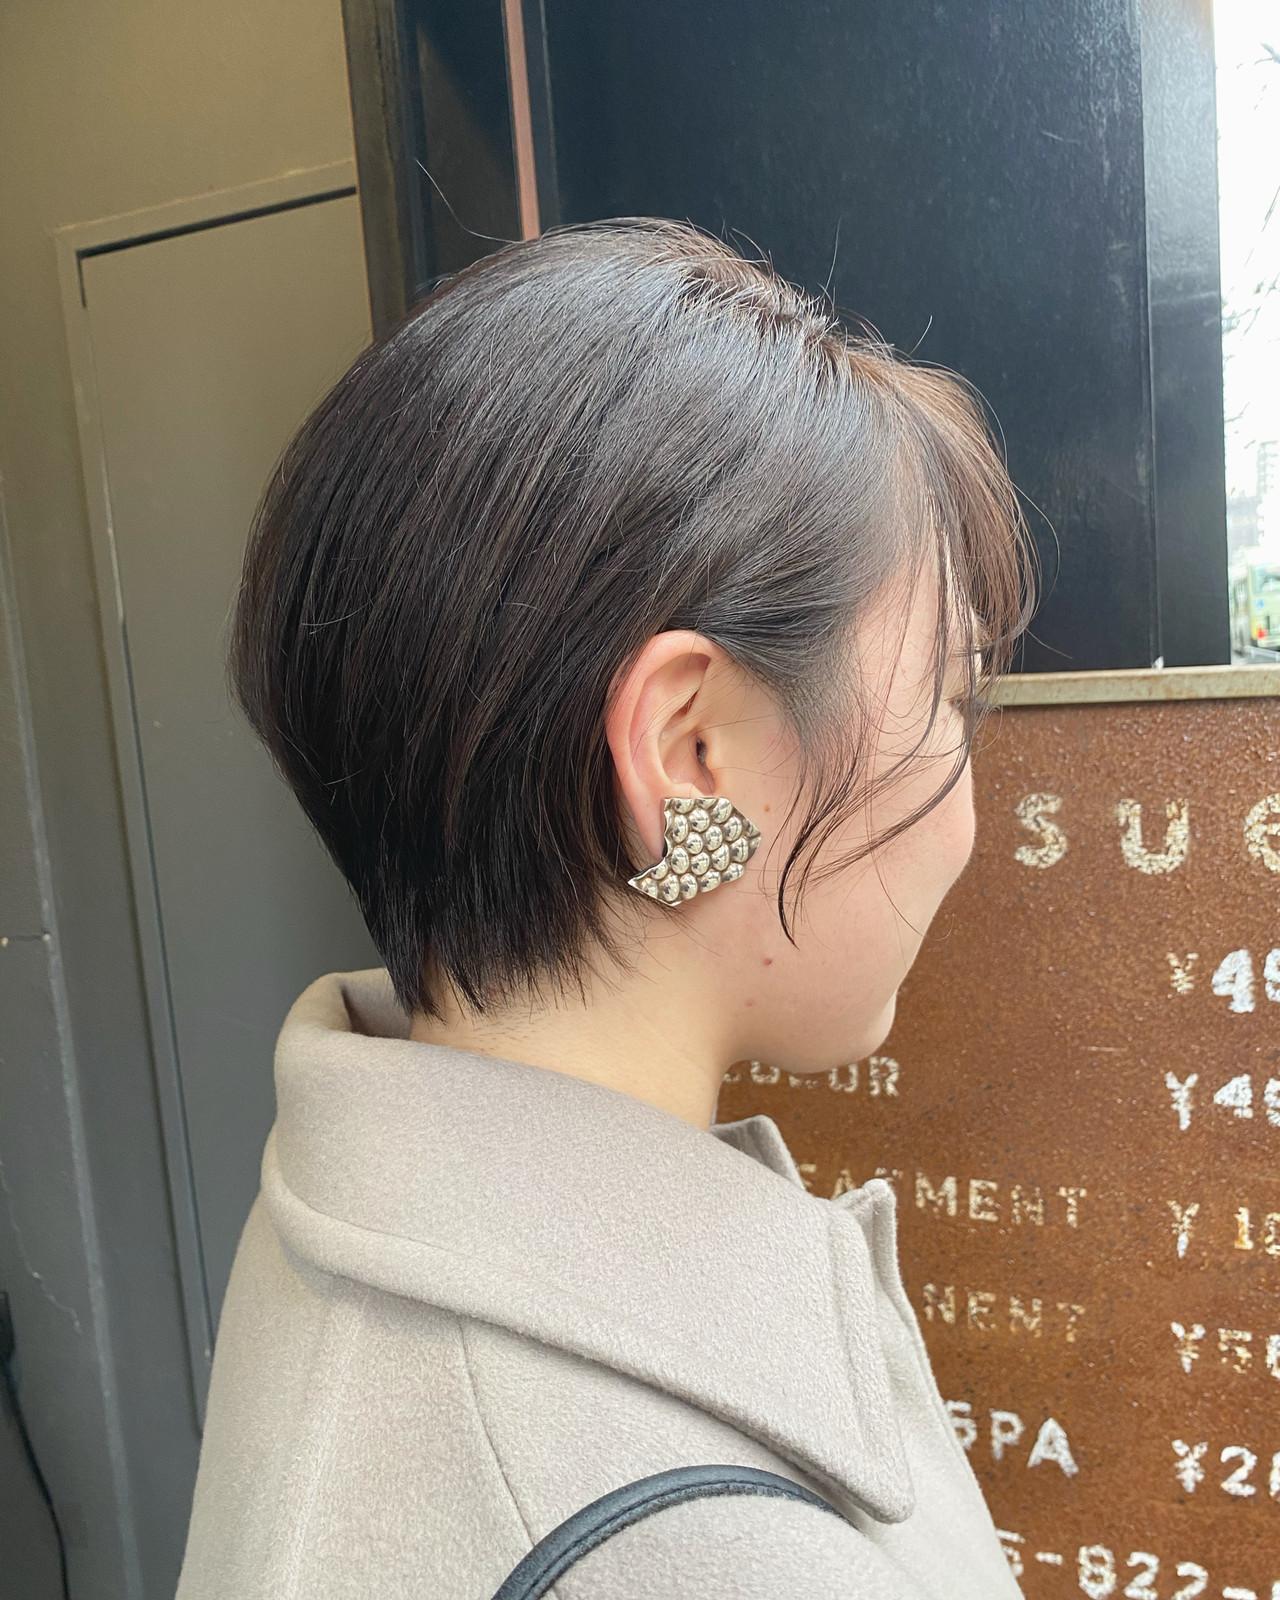 前下がりショート ナチュラル ハンサムショート ショートヘア ヘアスタイルや髪型の写真・画像